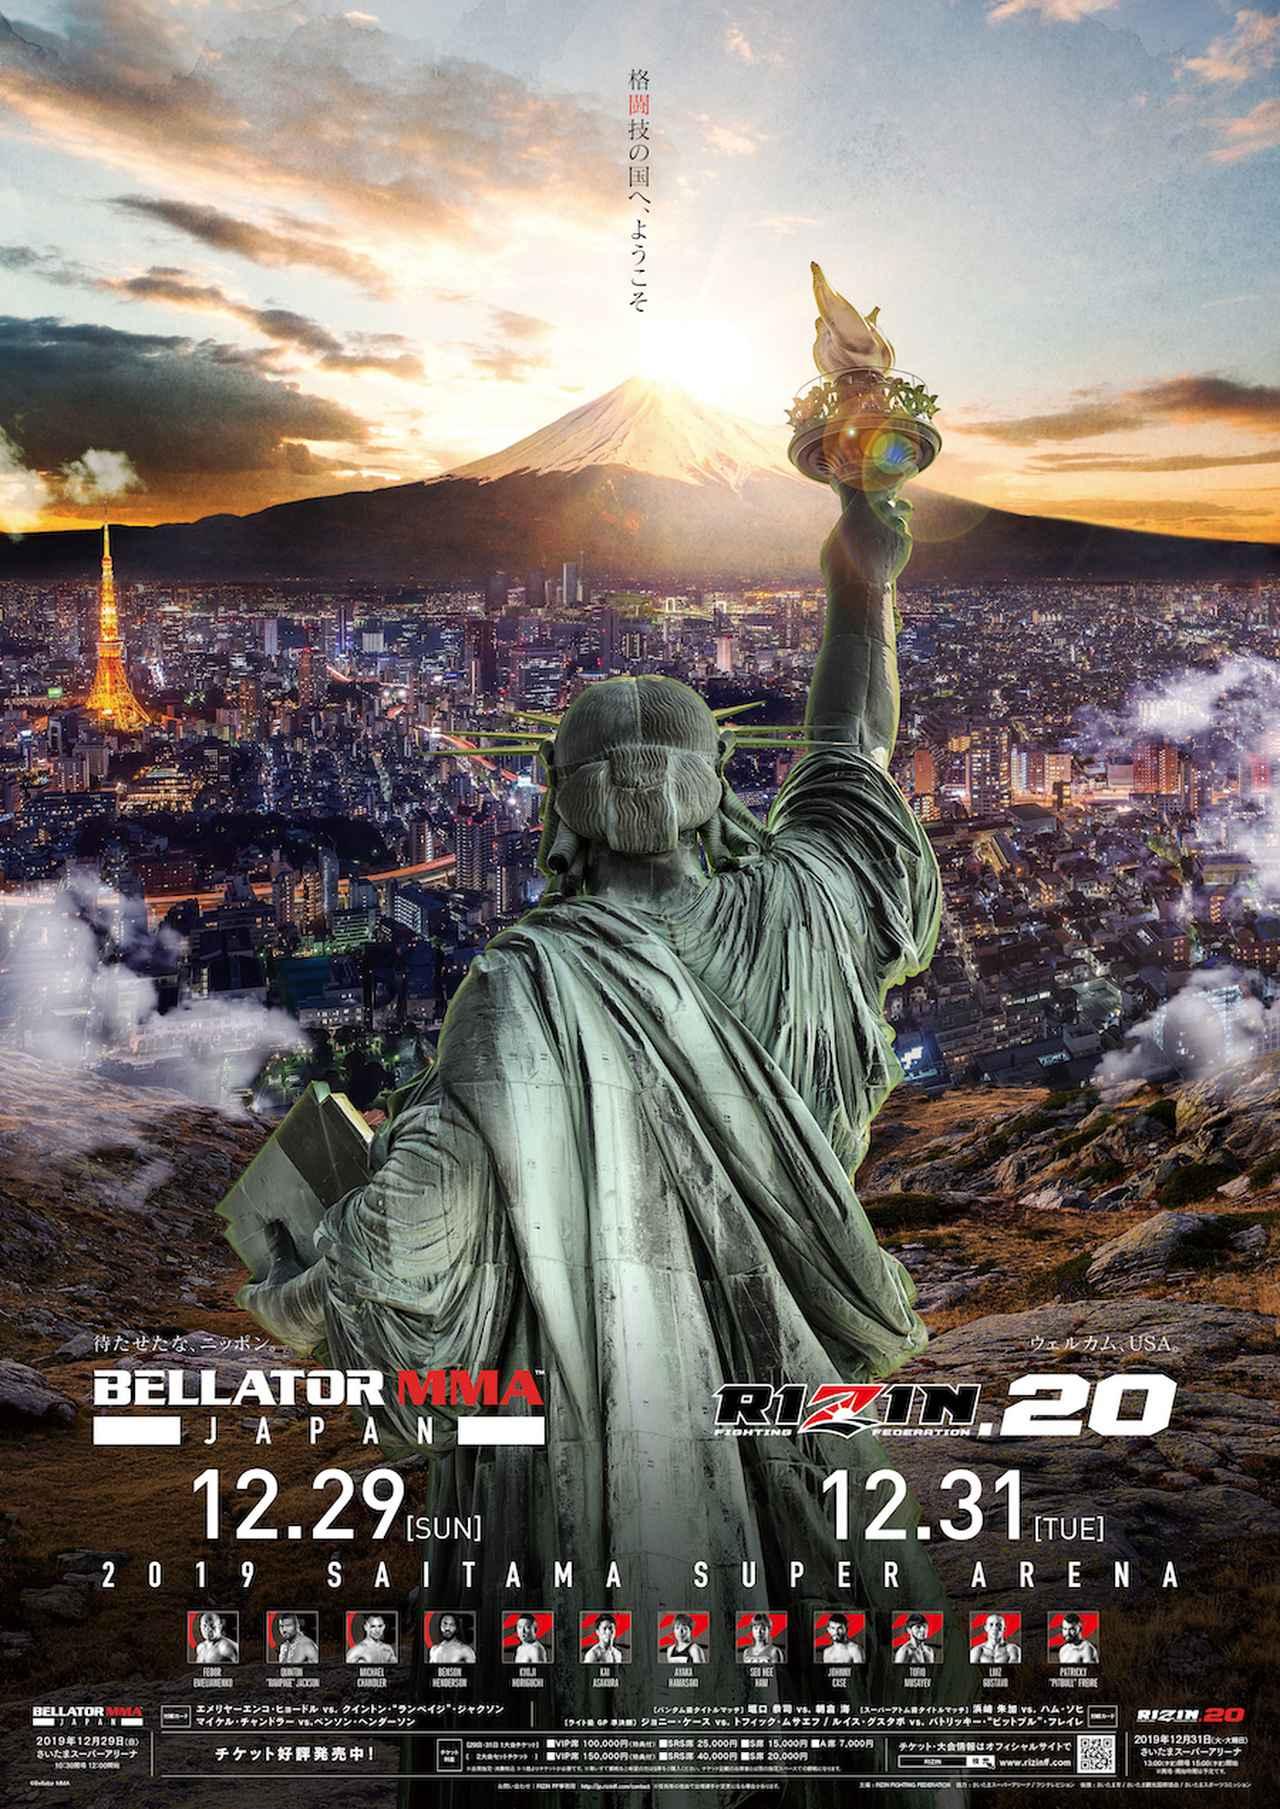 画像1: 抽選で100名様へ!BELLATOR JAPAN / RIZIN.20 ポスターサポーター募集!